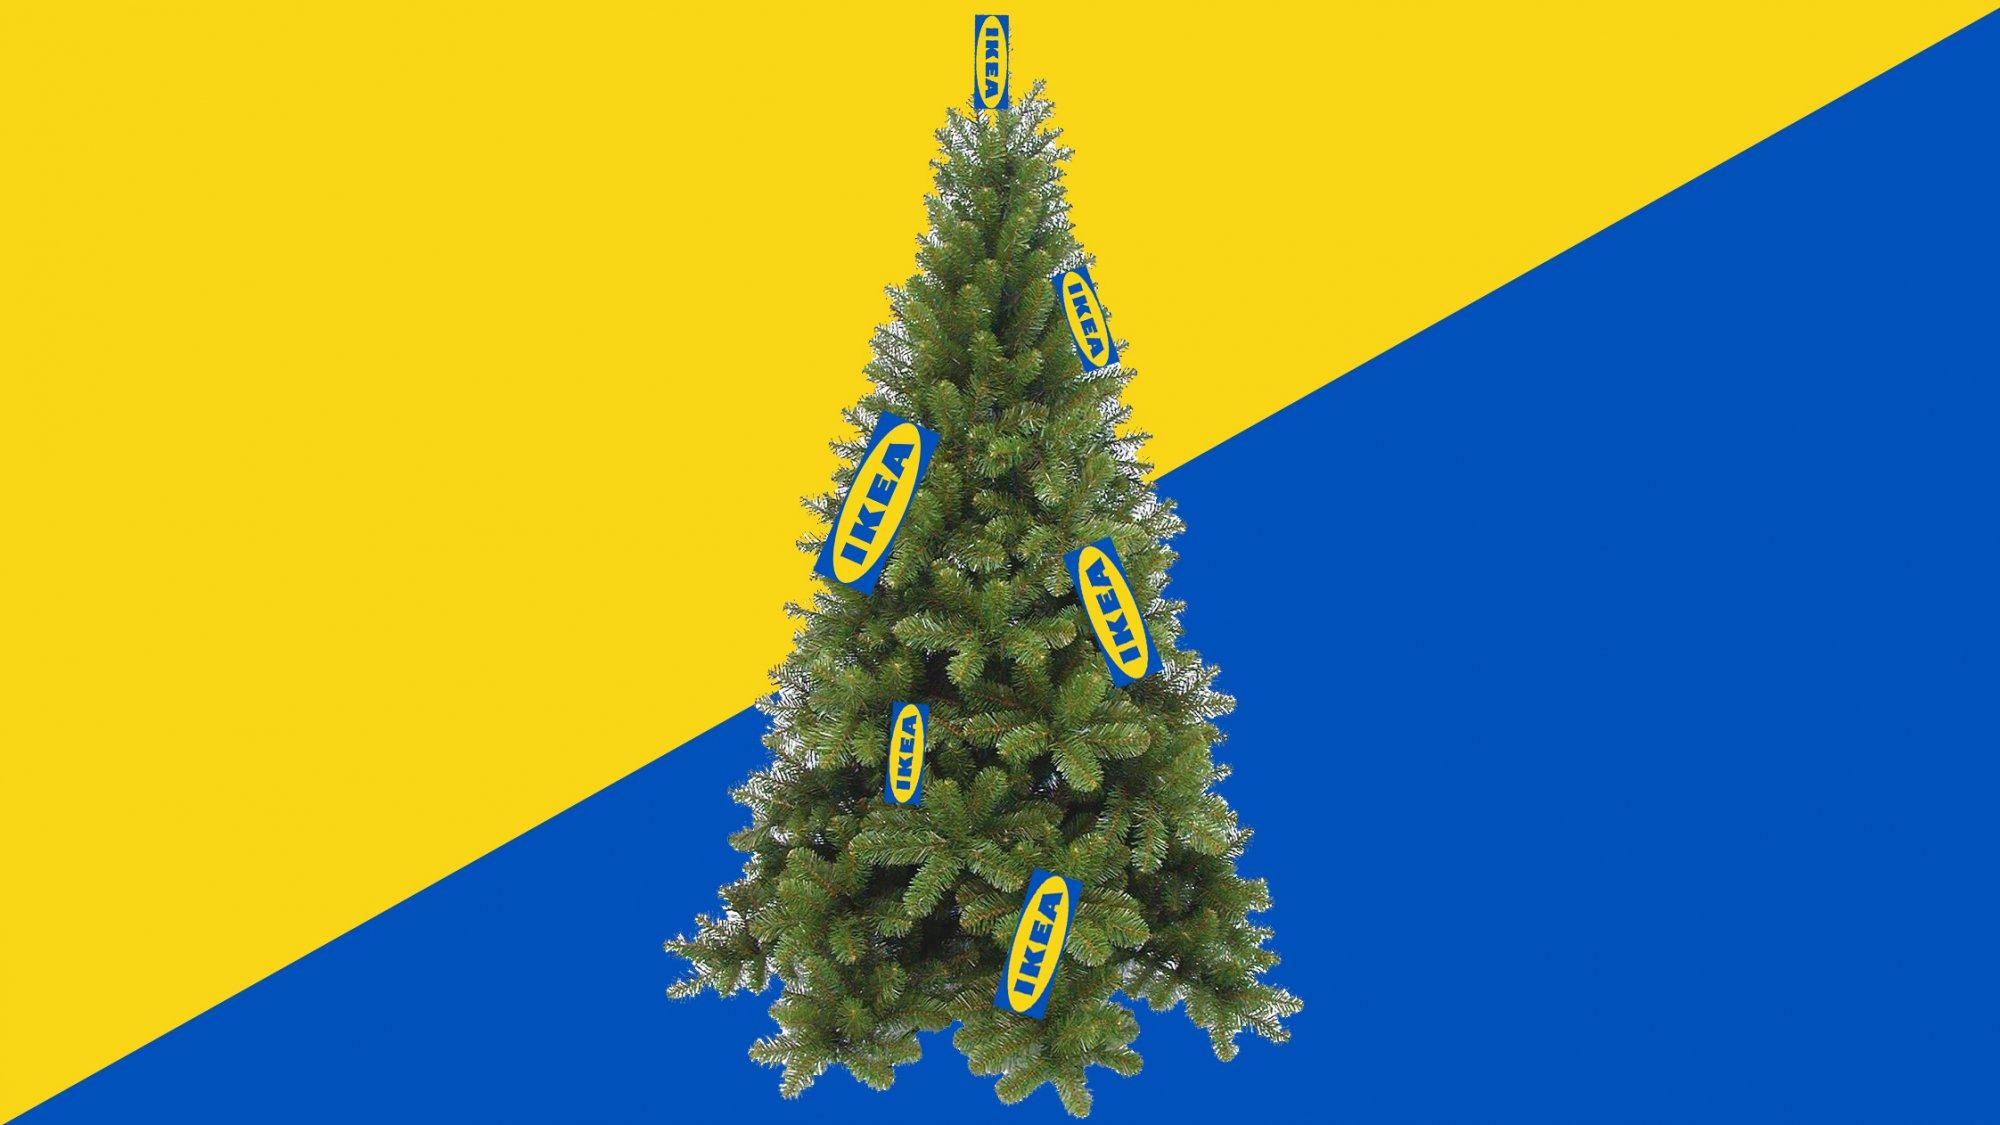 O Dennenboom Bij Ikea Scoor Je Een Kerstboom Voor 1 Euro C